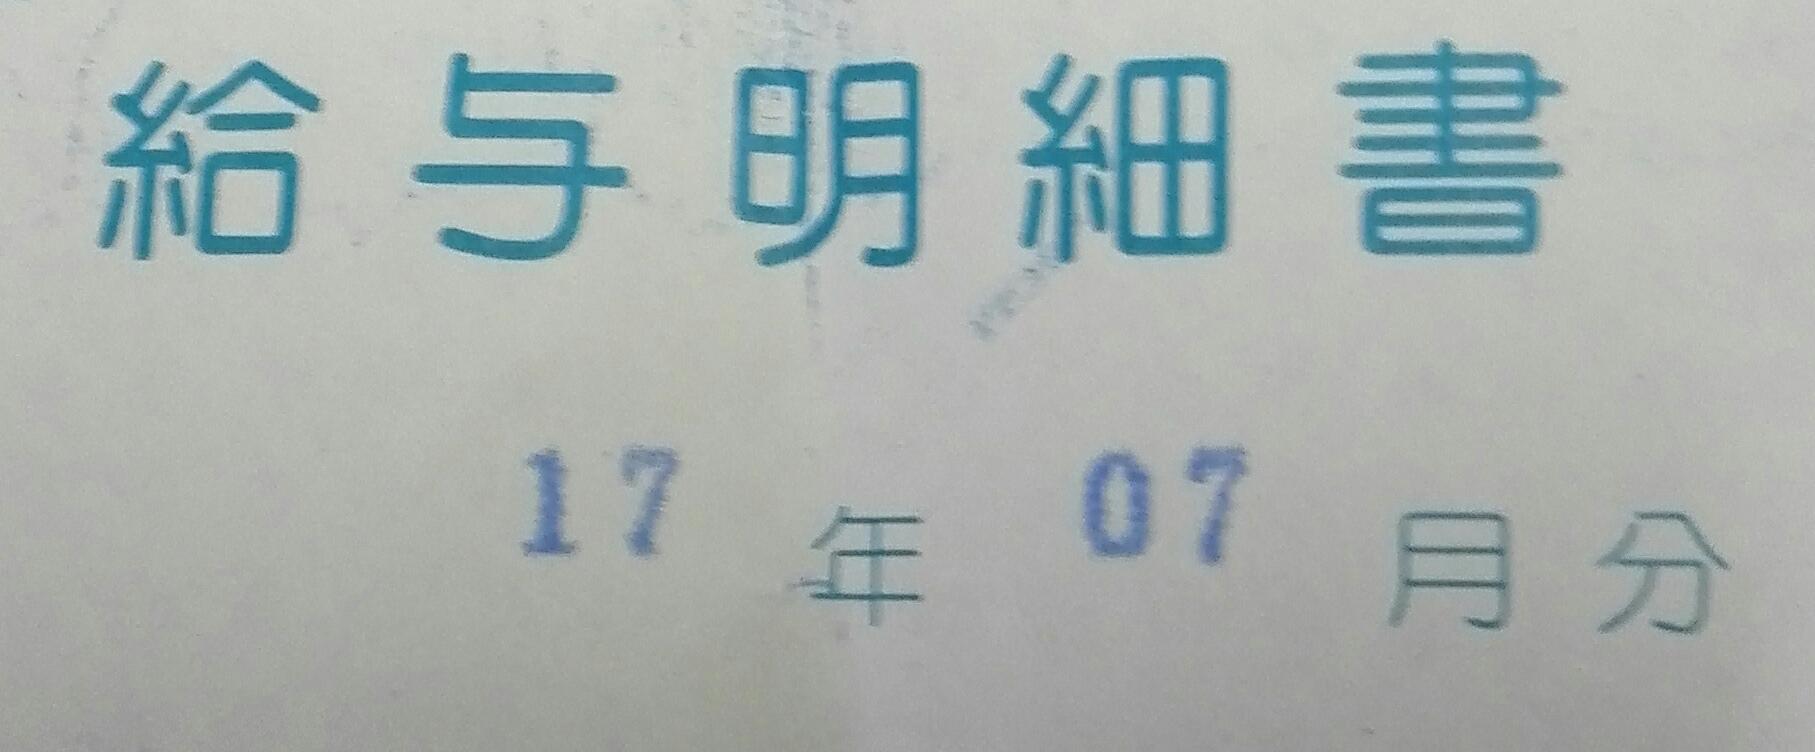 時差手当に救われたスバル期間工の2017年07月分給料明細